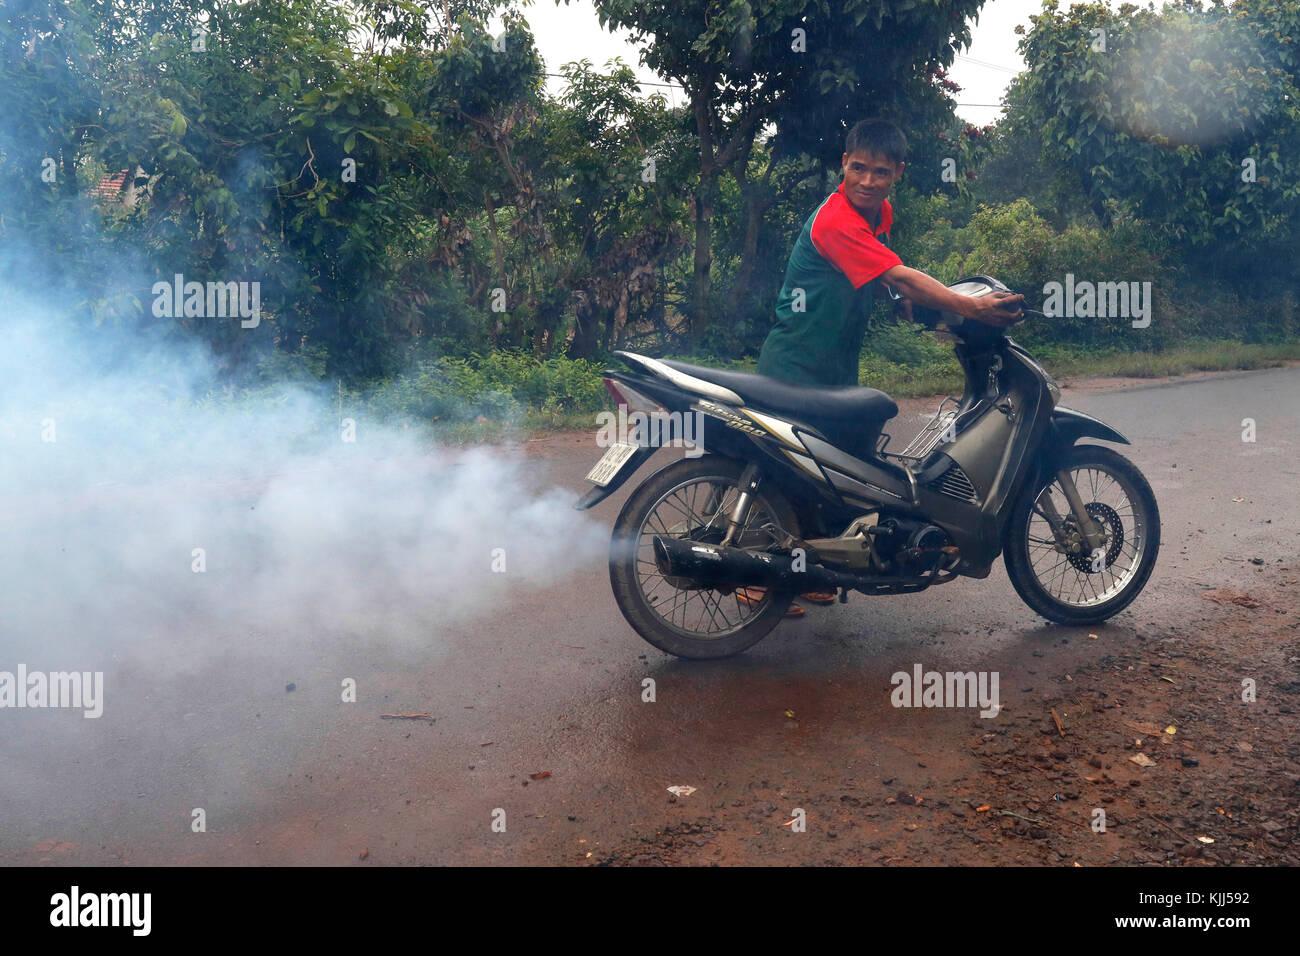 Moto de humo. La contaminación del aire. Kon Tum. Vietnam. Imagen De Stock